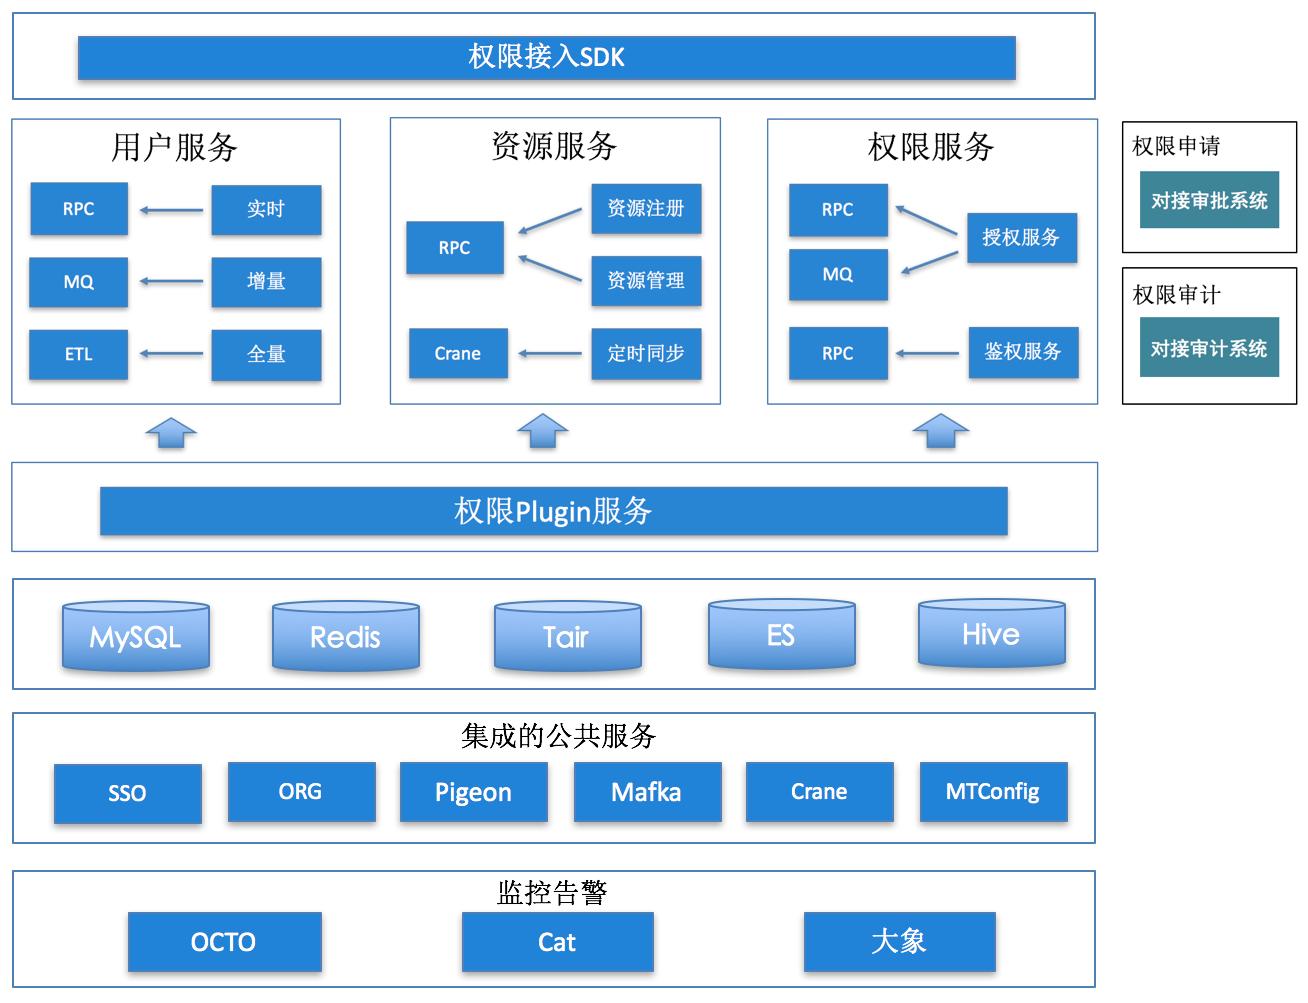 图9 权限系统架构